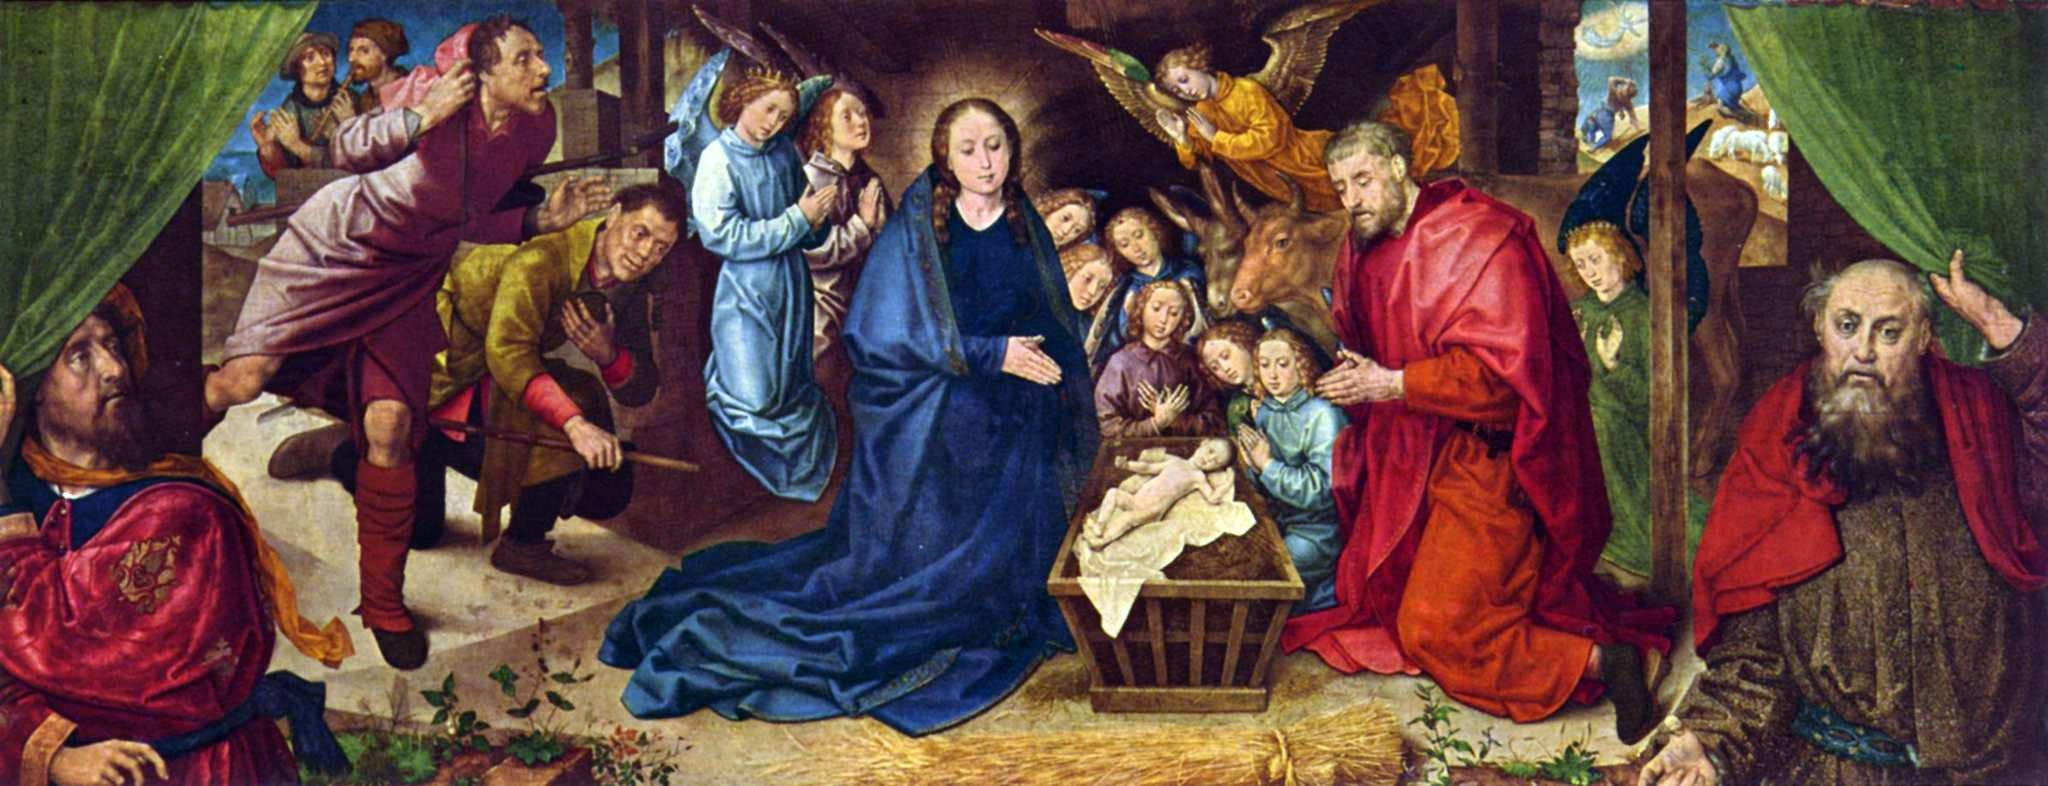 Hugo van der Goes, Adorazione dei pastori, 1480 c., Berlino, Gemäldegalerie.